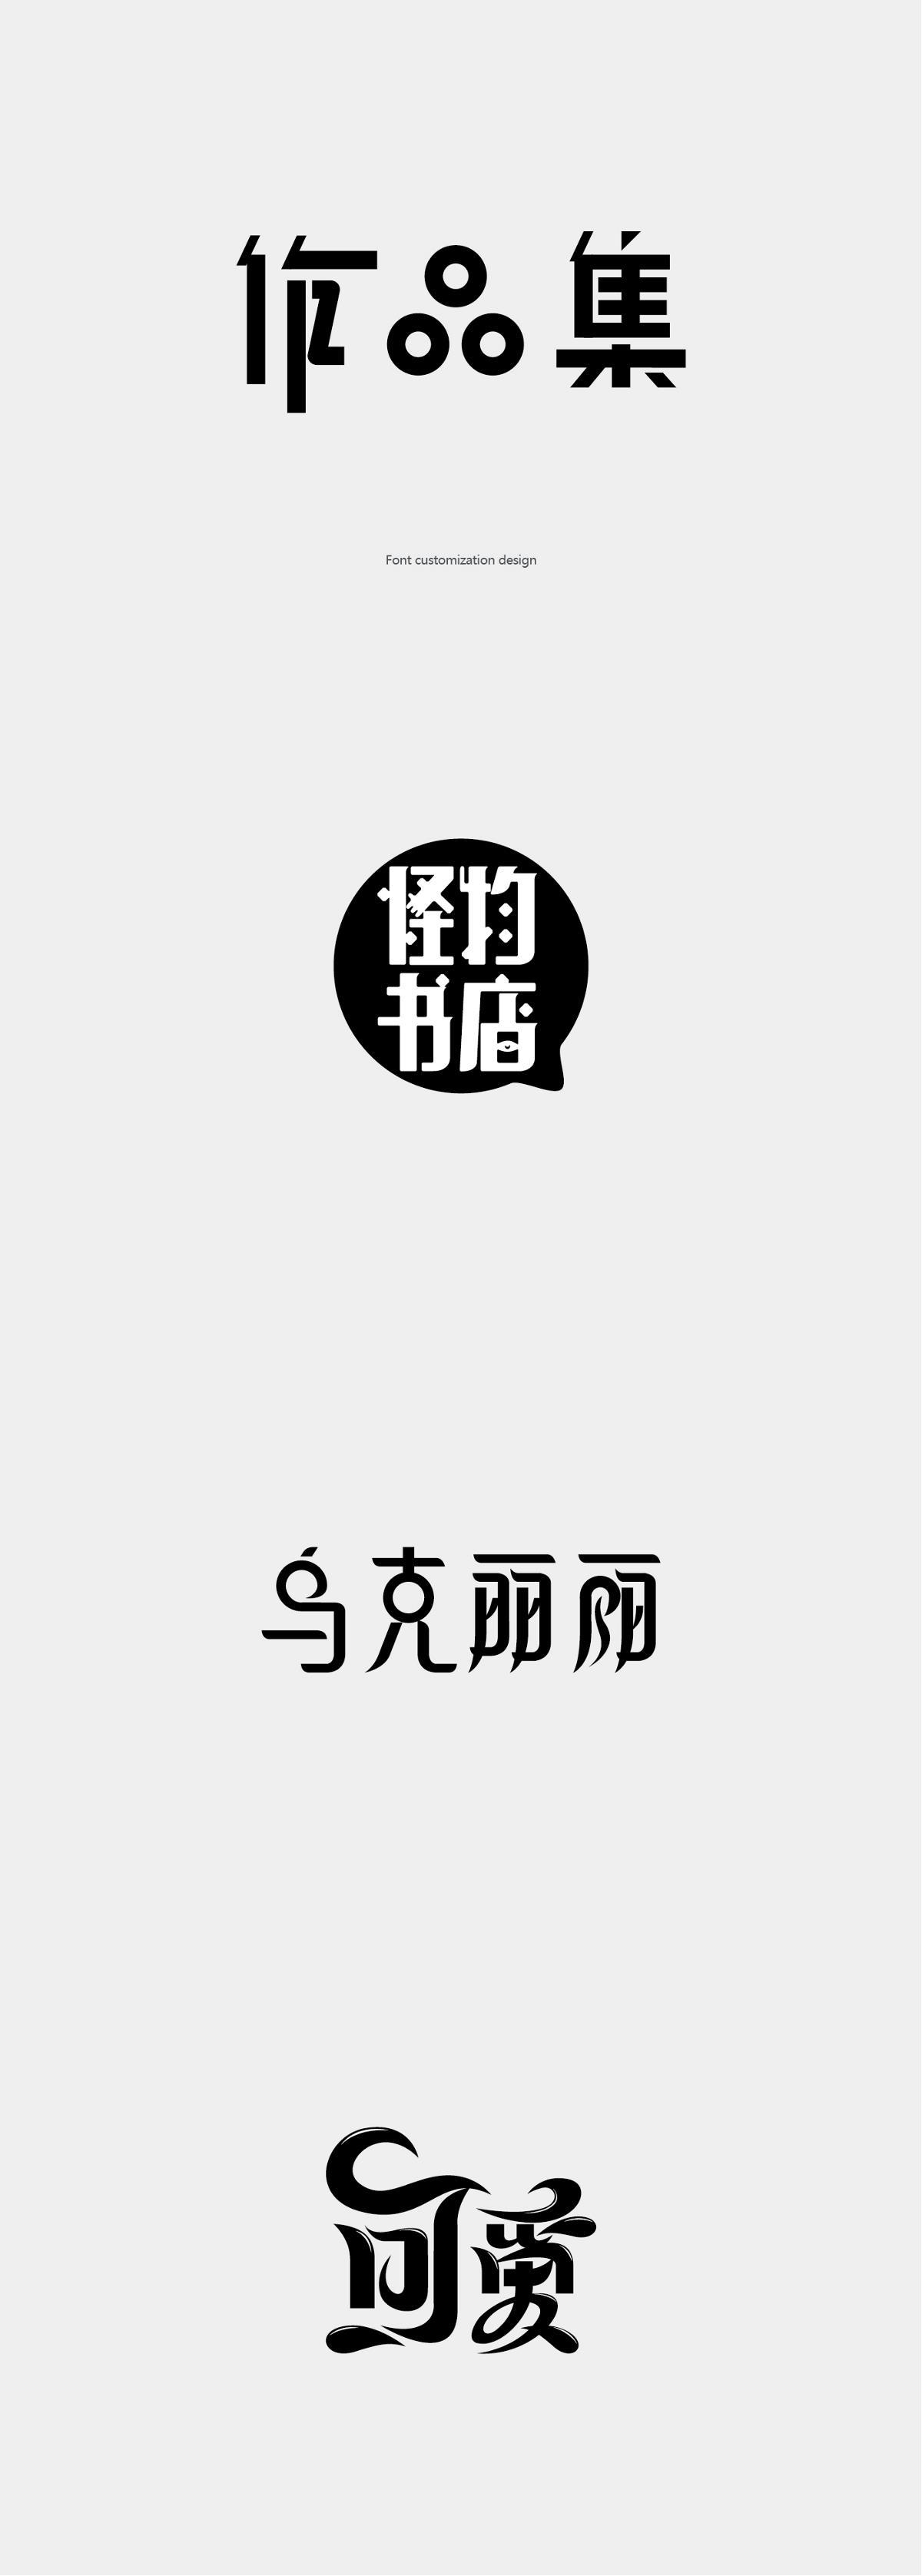 字体设计精选 第十六篇